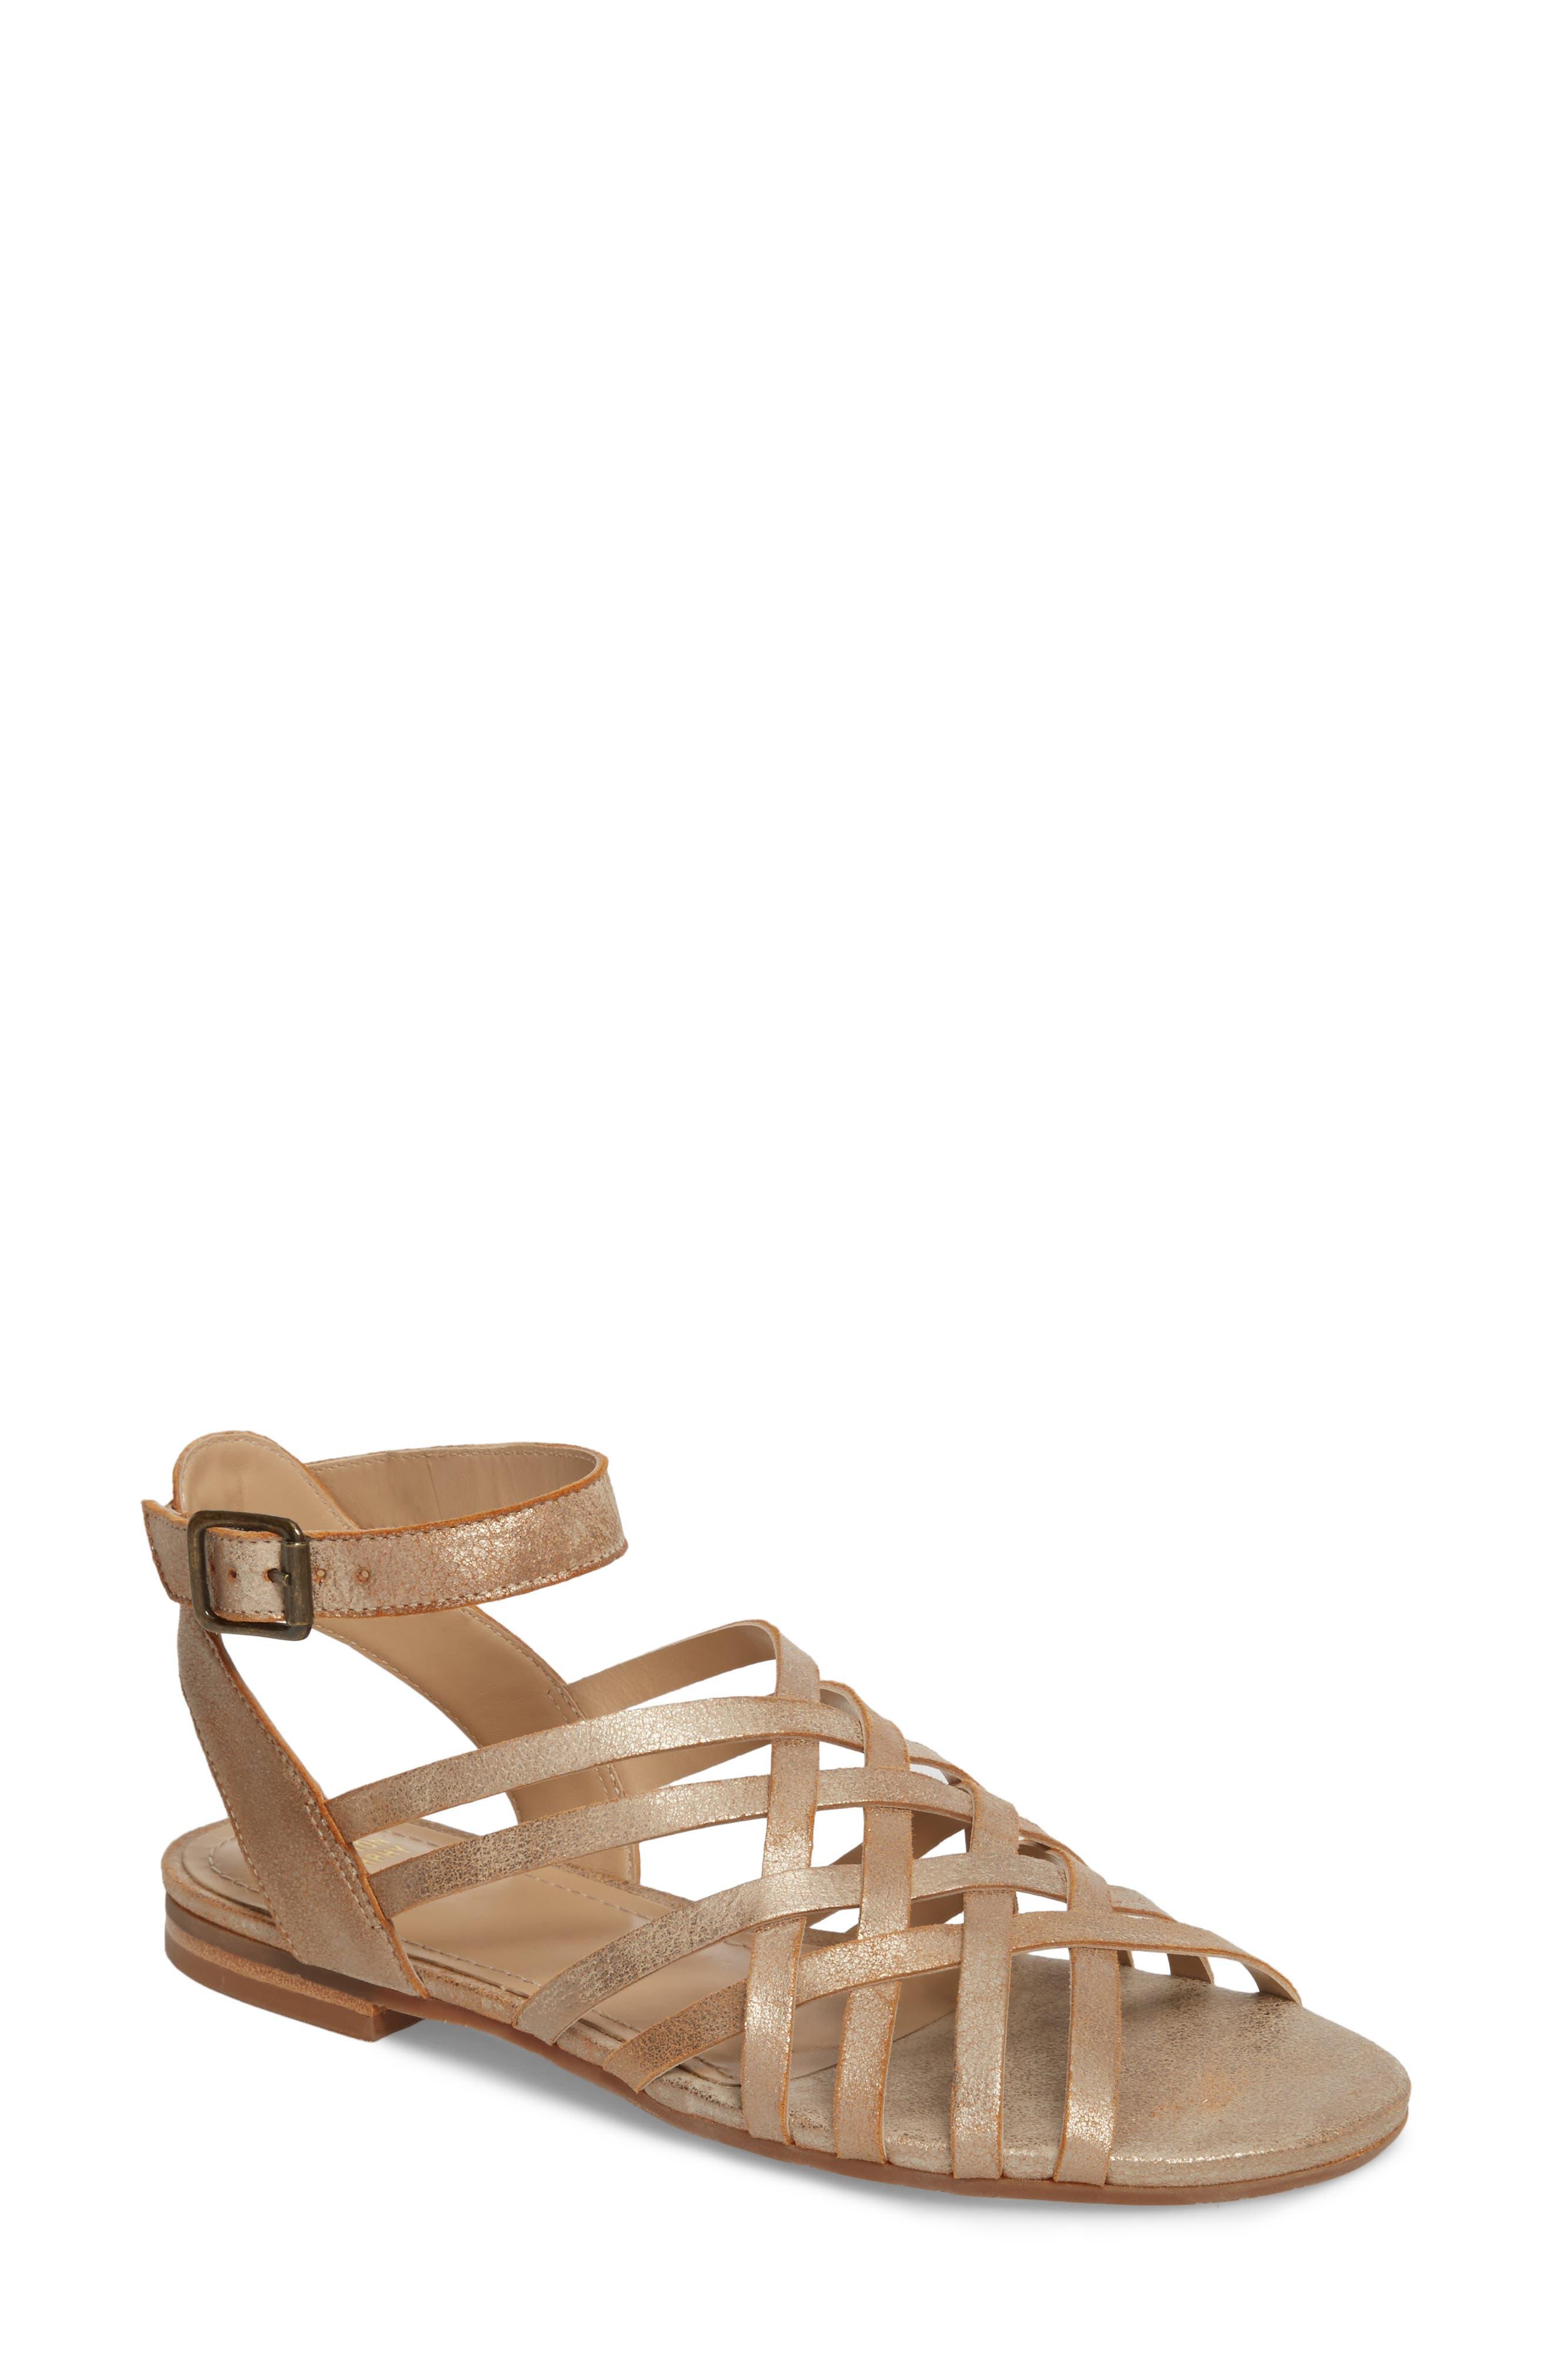 Johnston & Murphy Hallie Sandal- Metallic